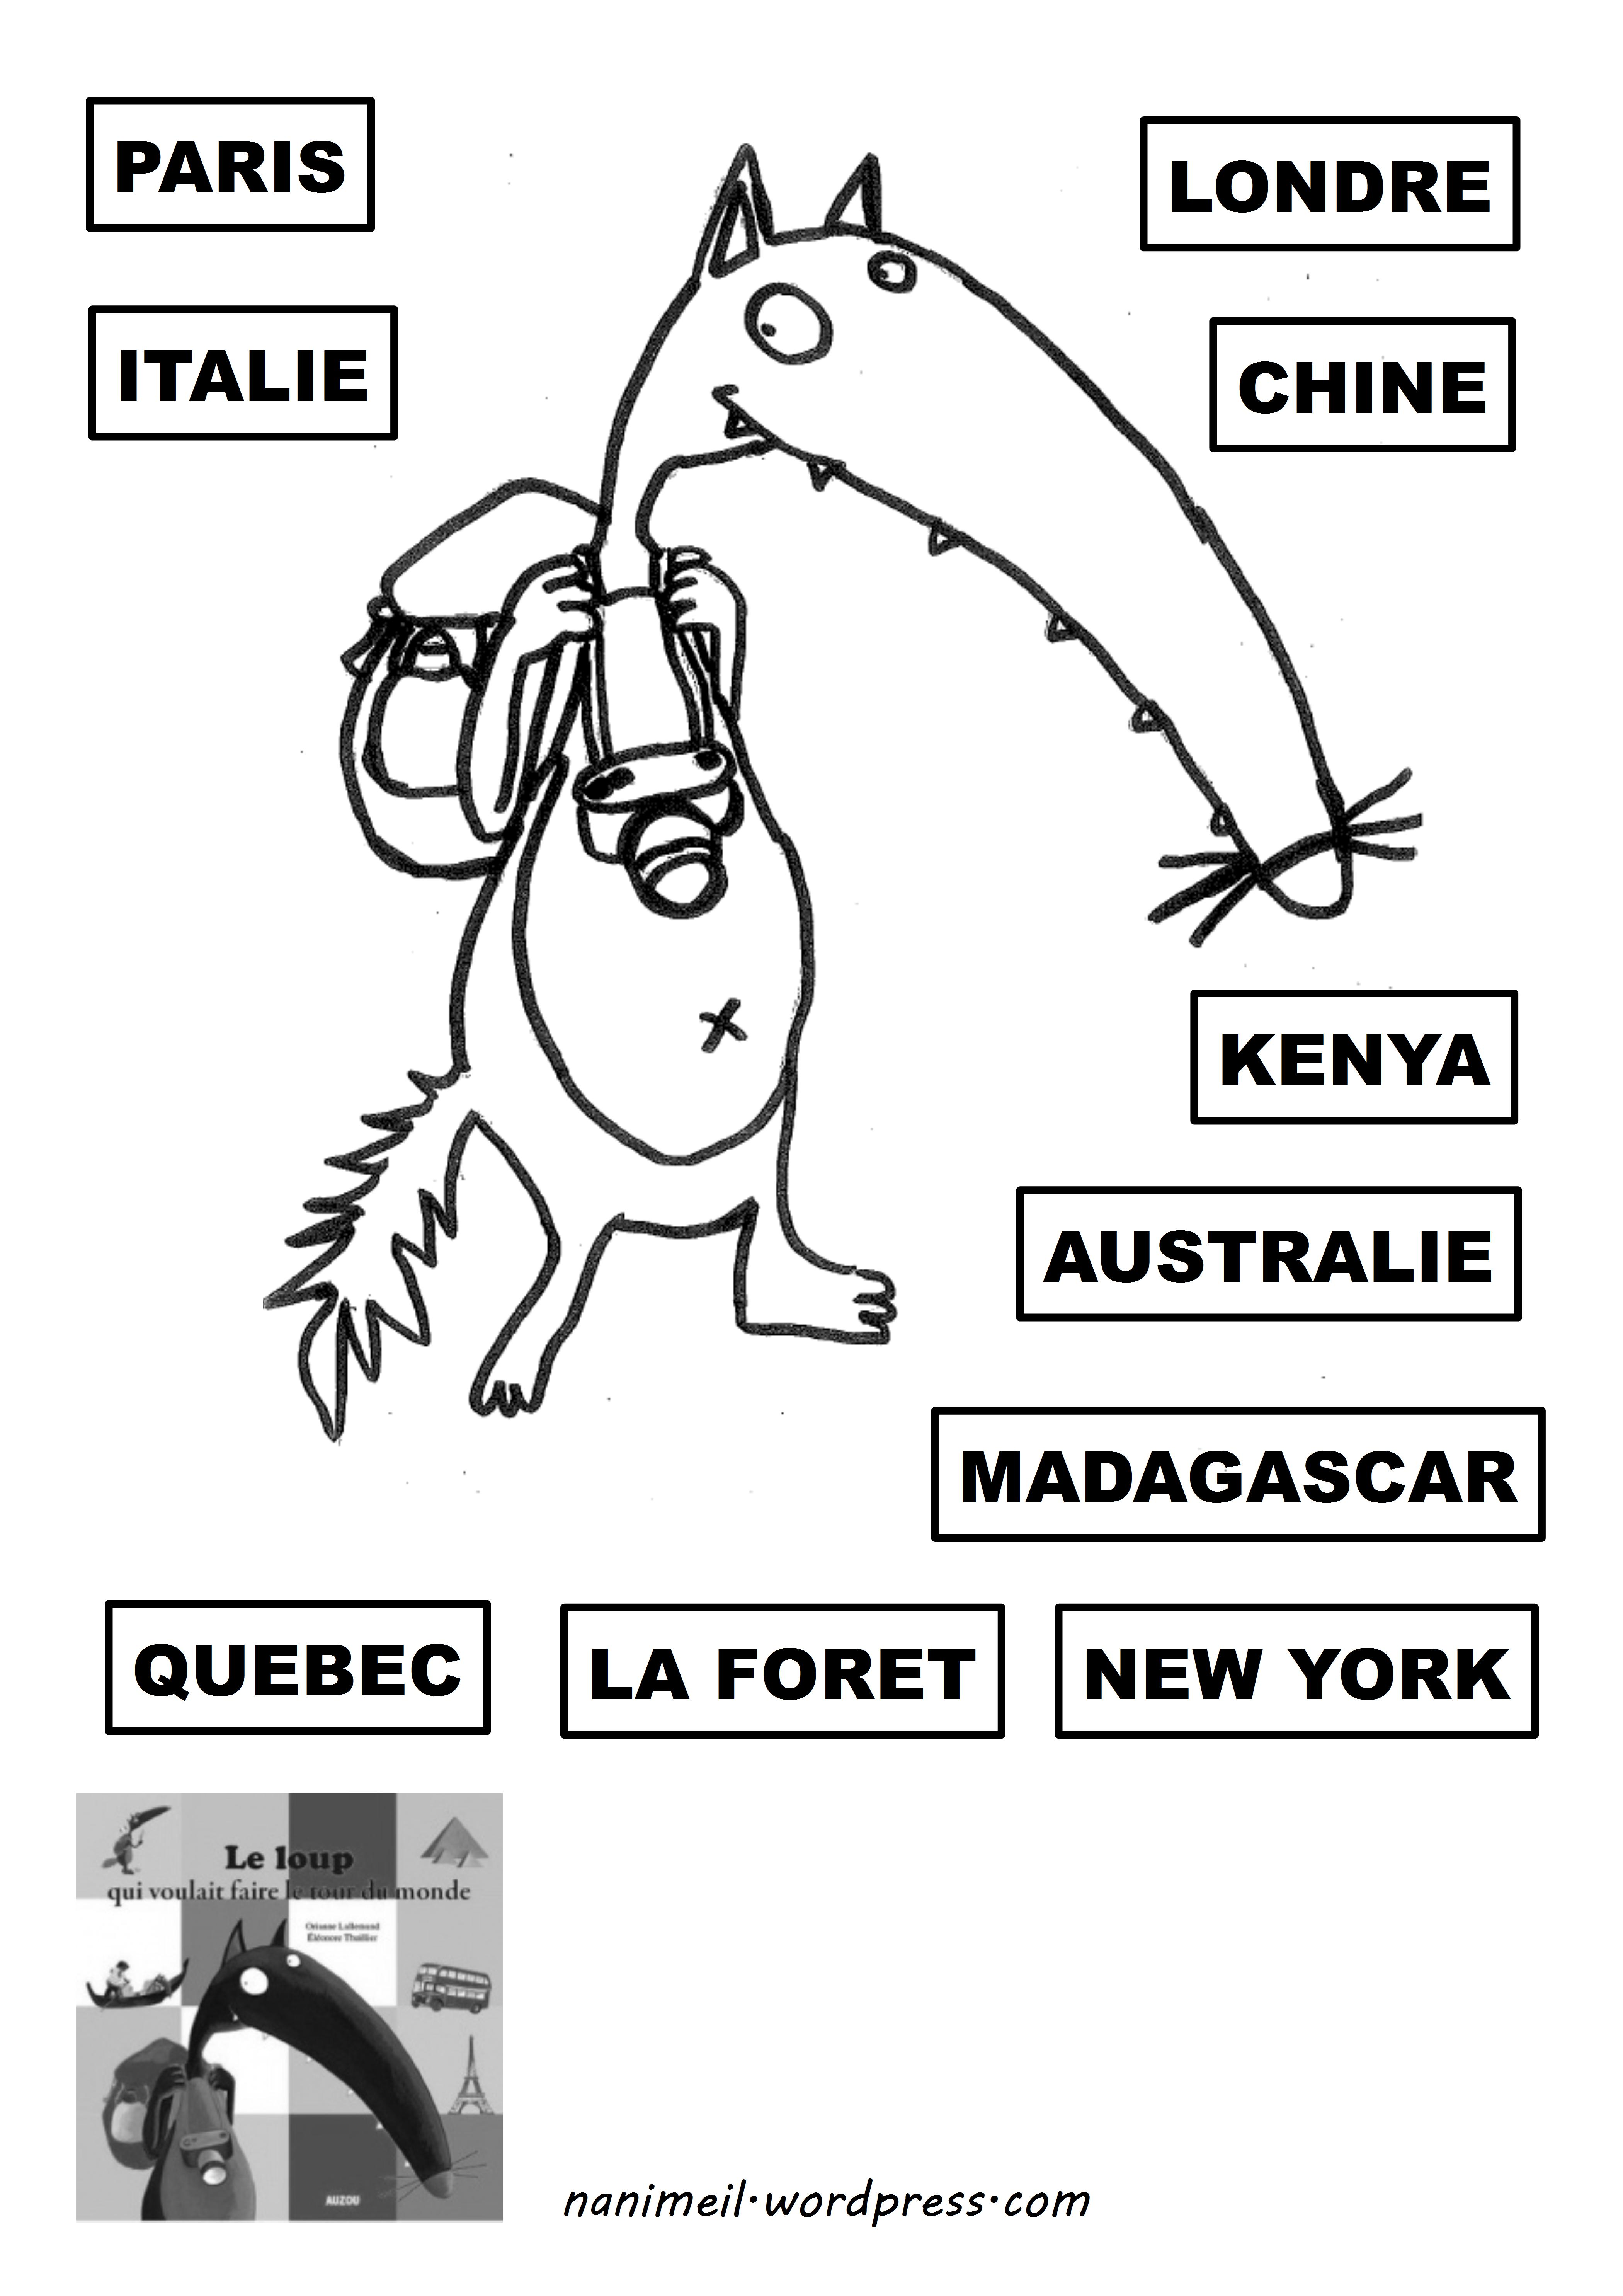 Le Loup Qui Voulait Faire Le Tour Du Monde Coloriage : voulait, faire, monde, coloriage, Voulait, Faire, Monde